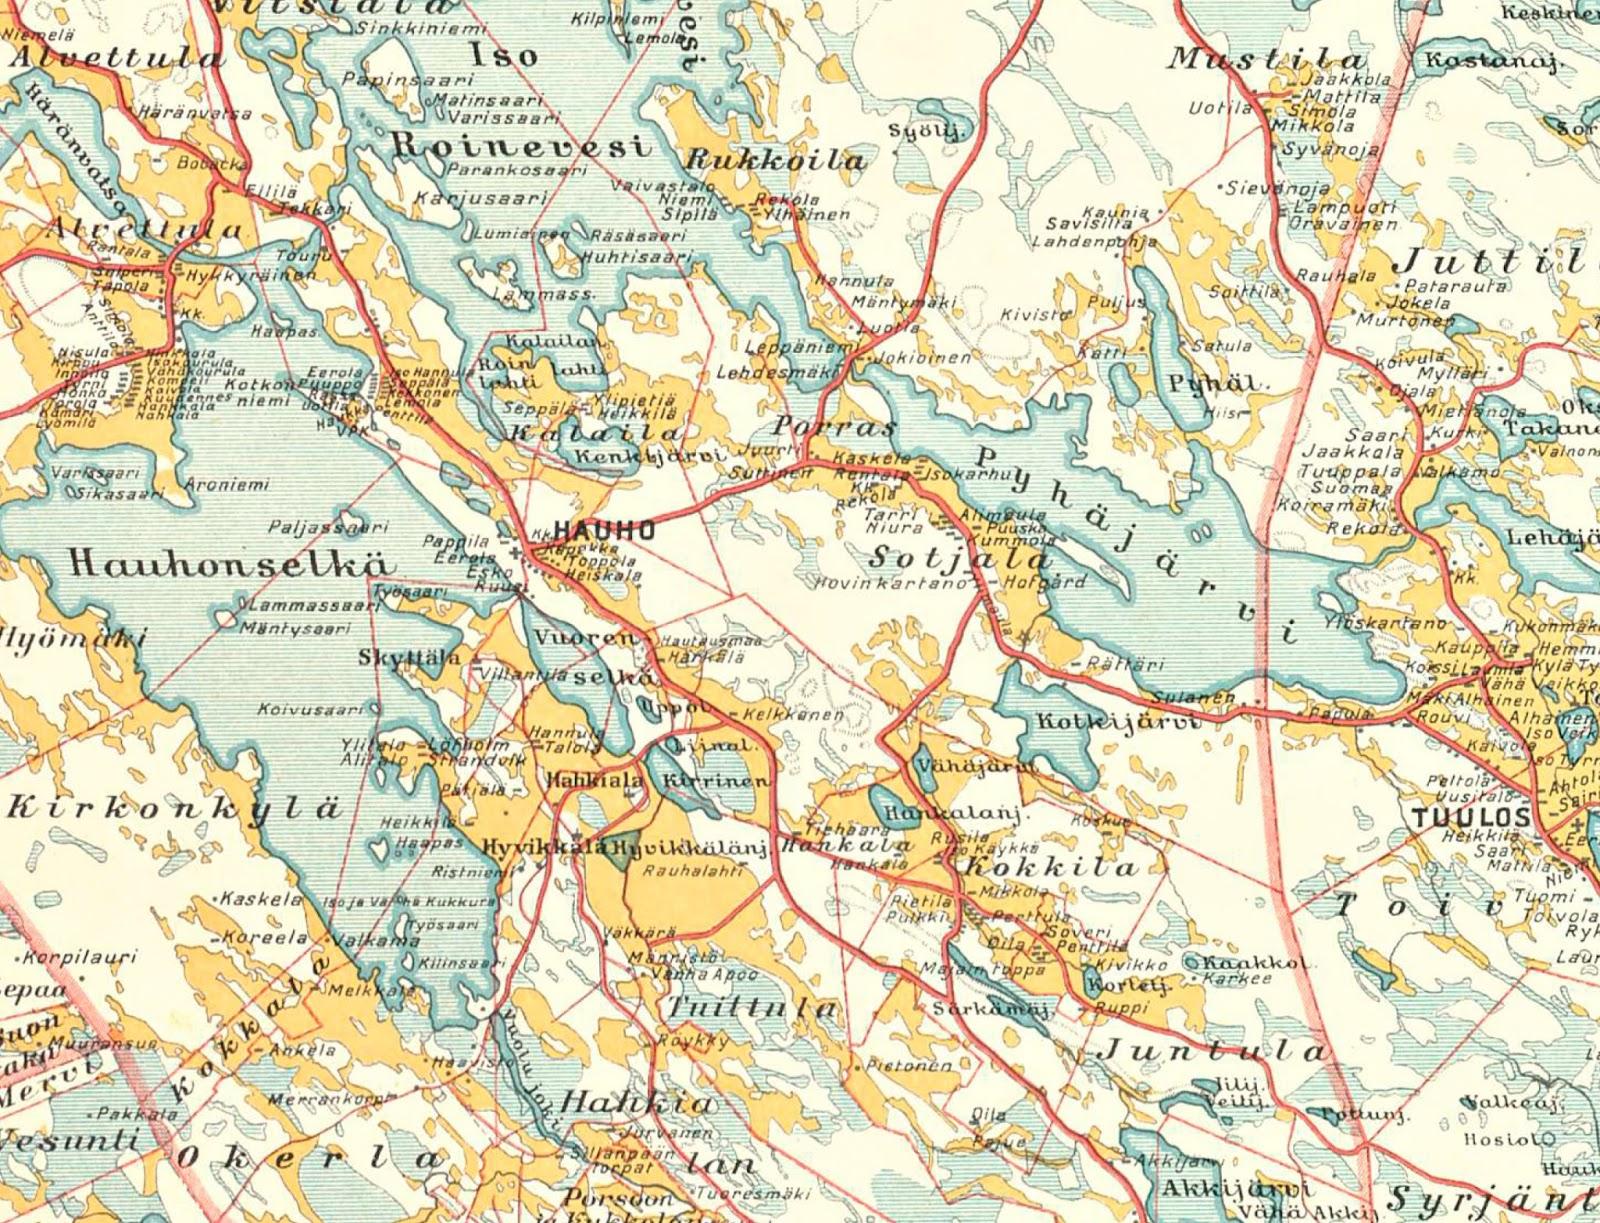 Kapinanaikaan Hauholla 17 Helmikuuta 1918